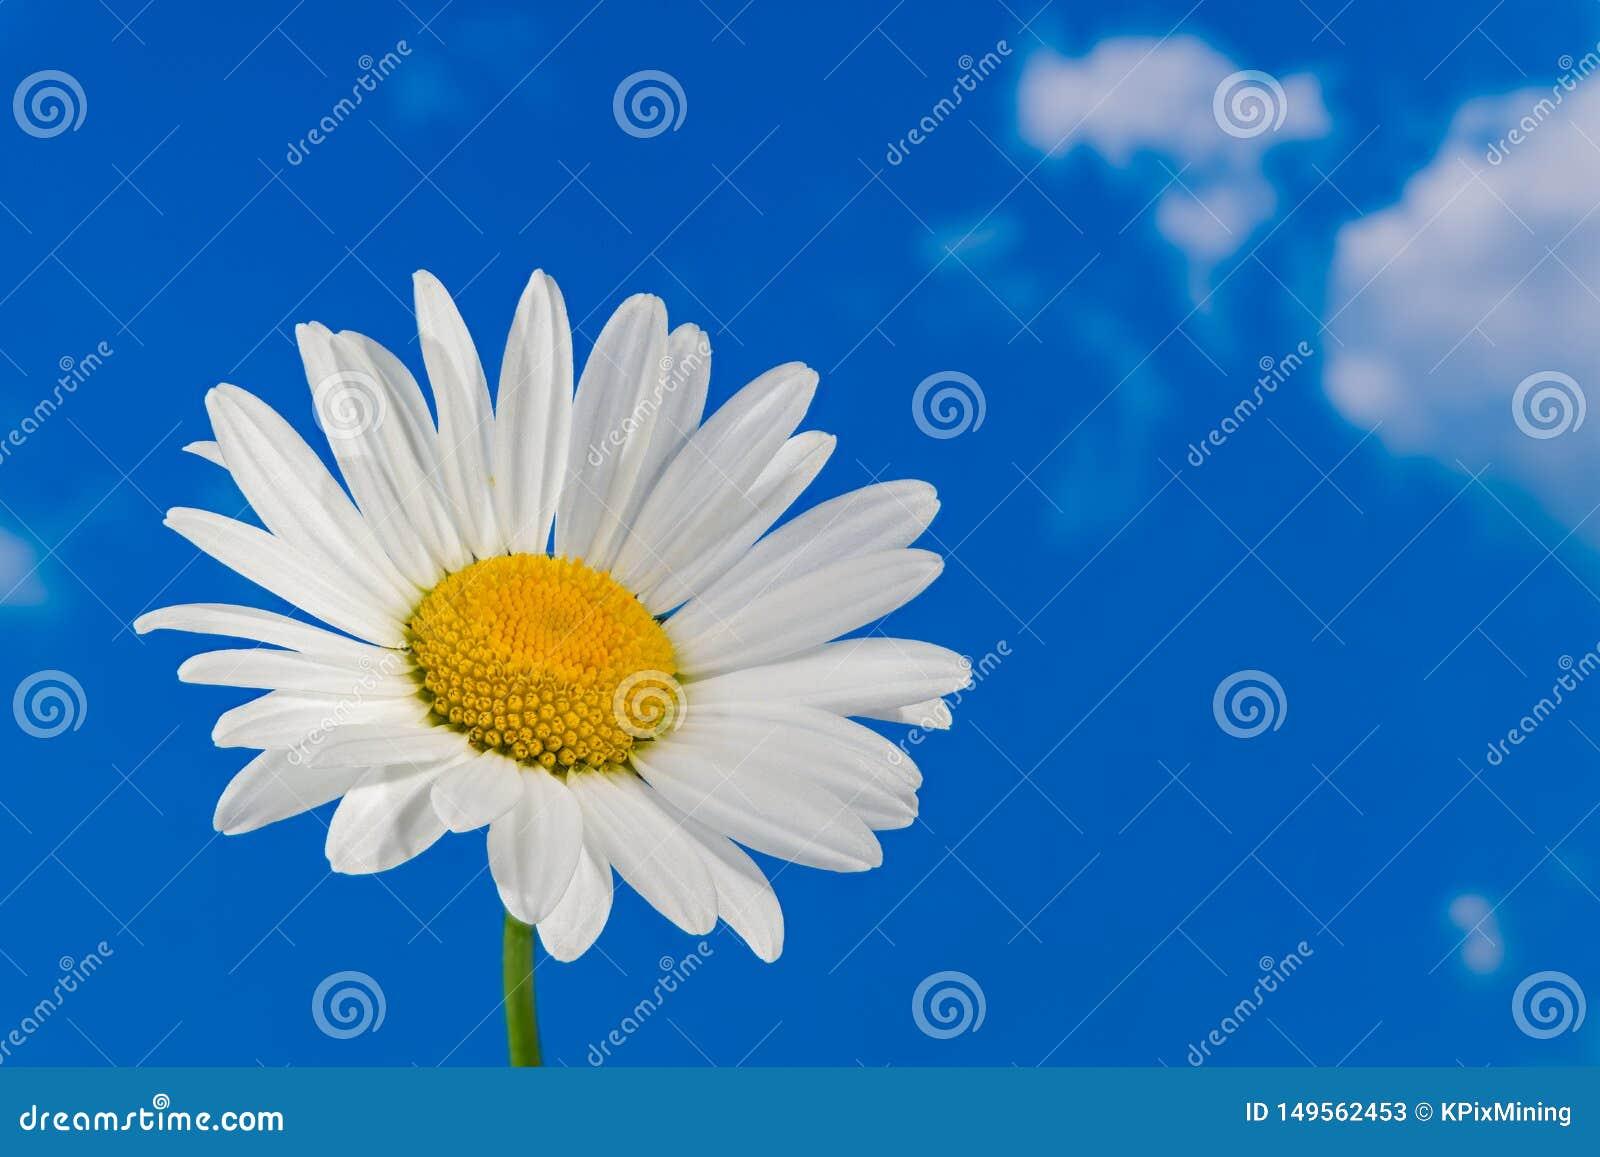 春白菊头状花序 延命菊细节 Leucanthemum Argyranthemum